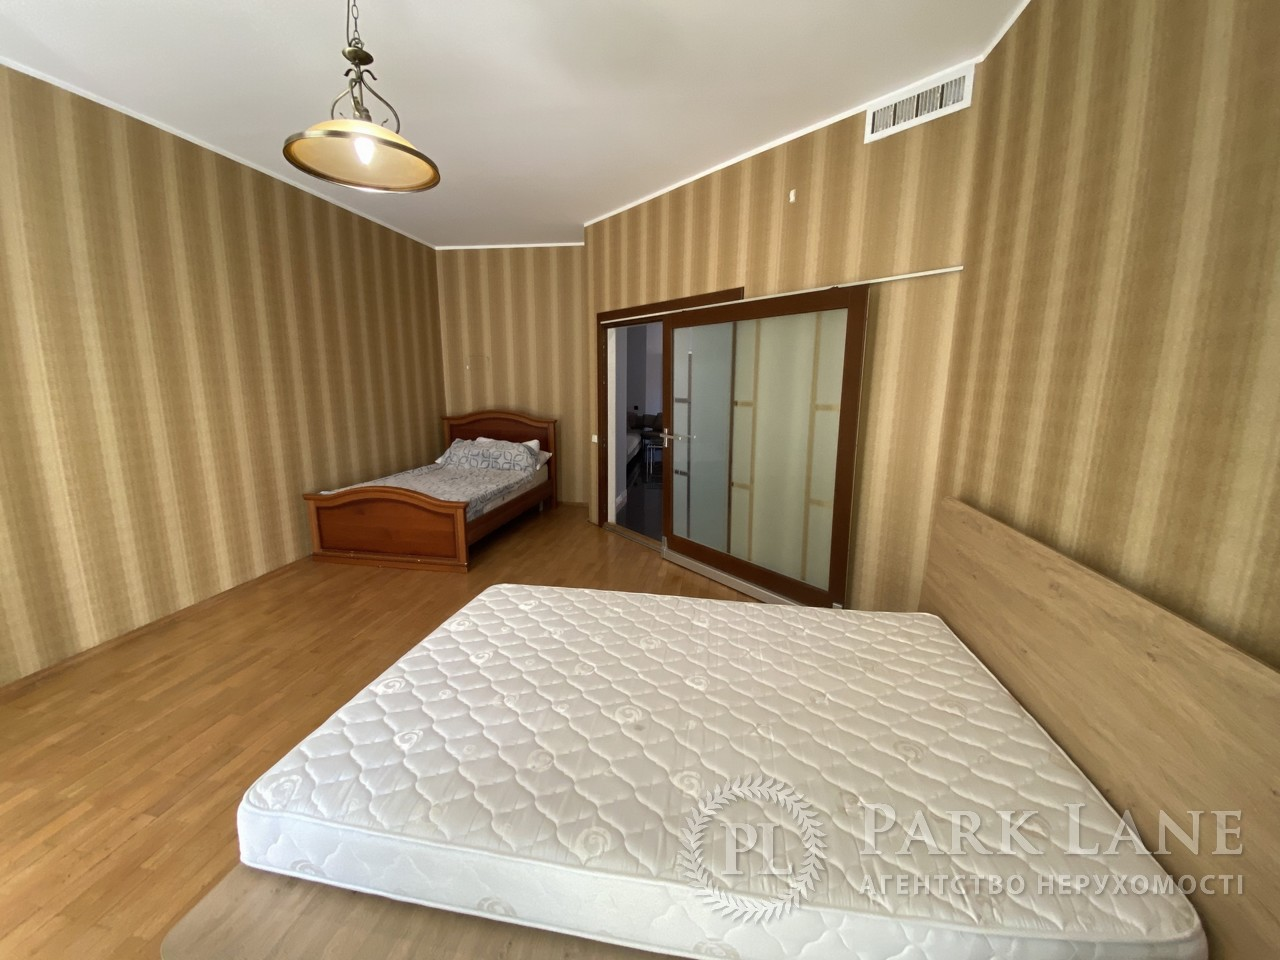 Квартира вул. Шота Руставелі, 20б, Київ, J-29686 - Фото 14